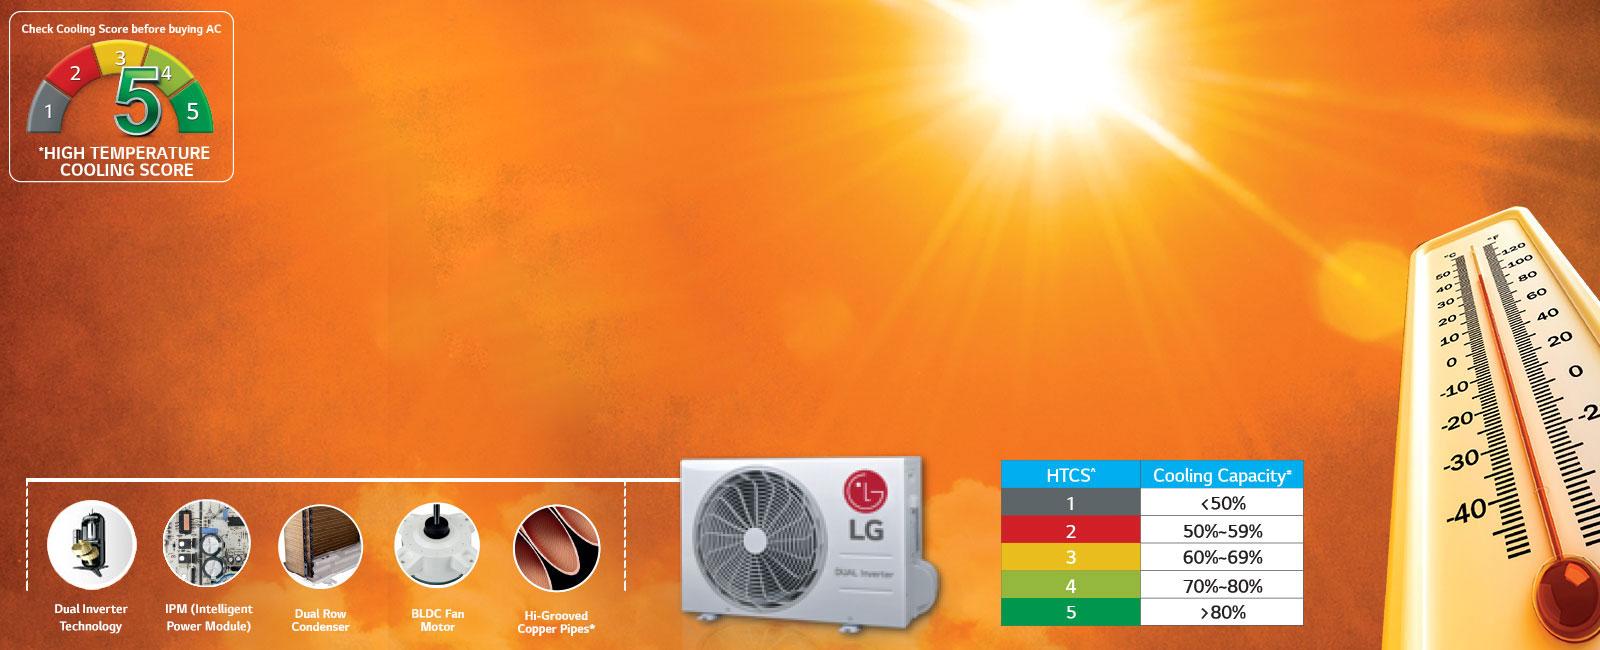 LG LS-Q18SWYA High Temperature Cooling Score